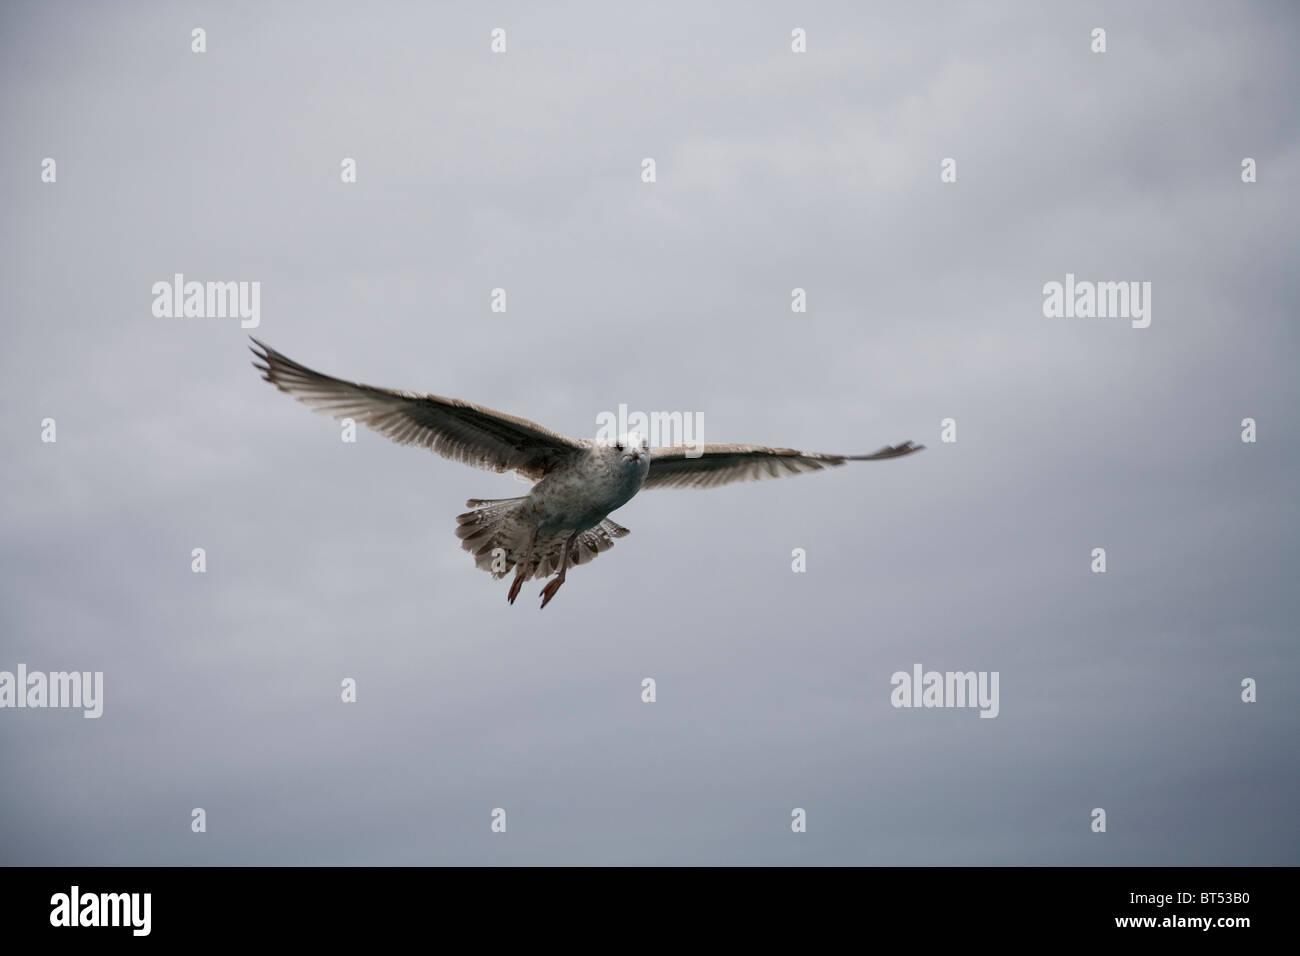 Sea gull in flight above sea - Stock Image